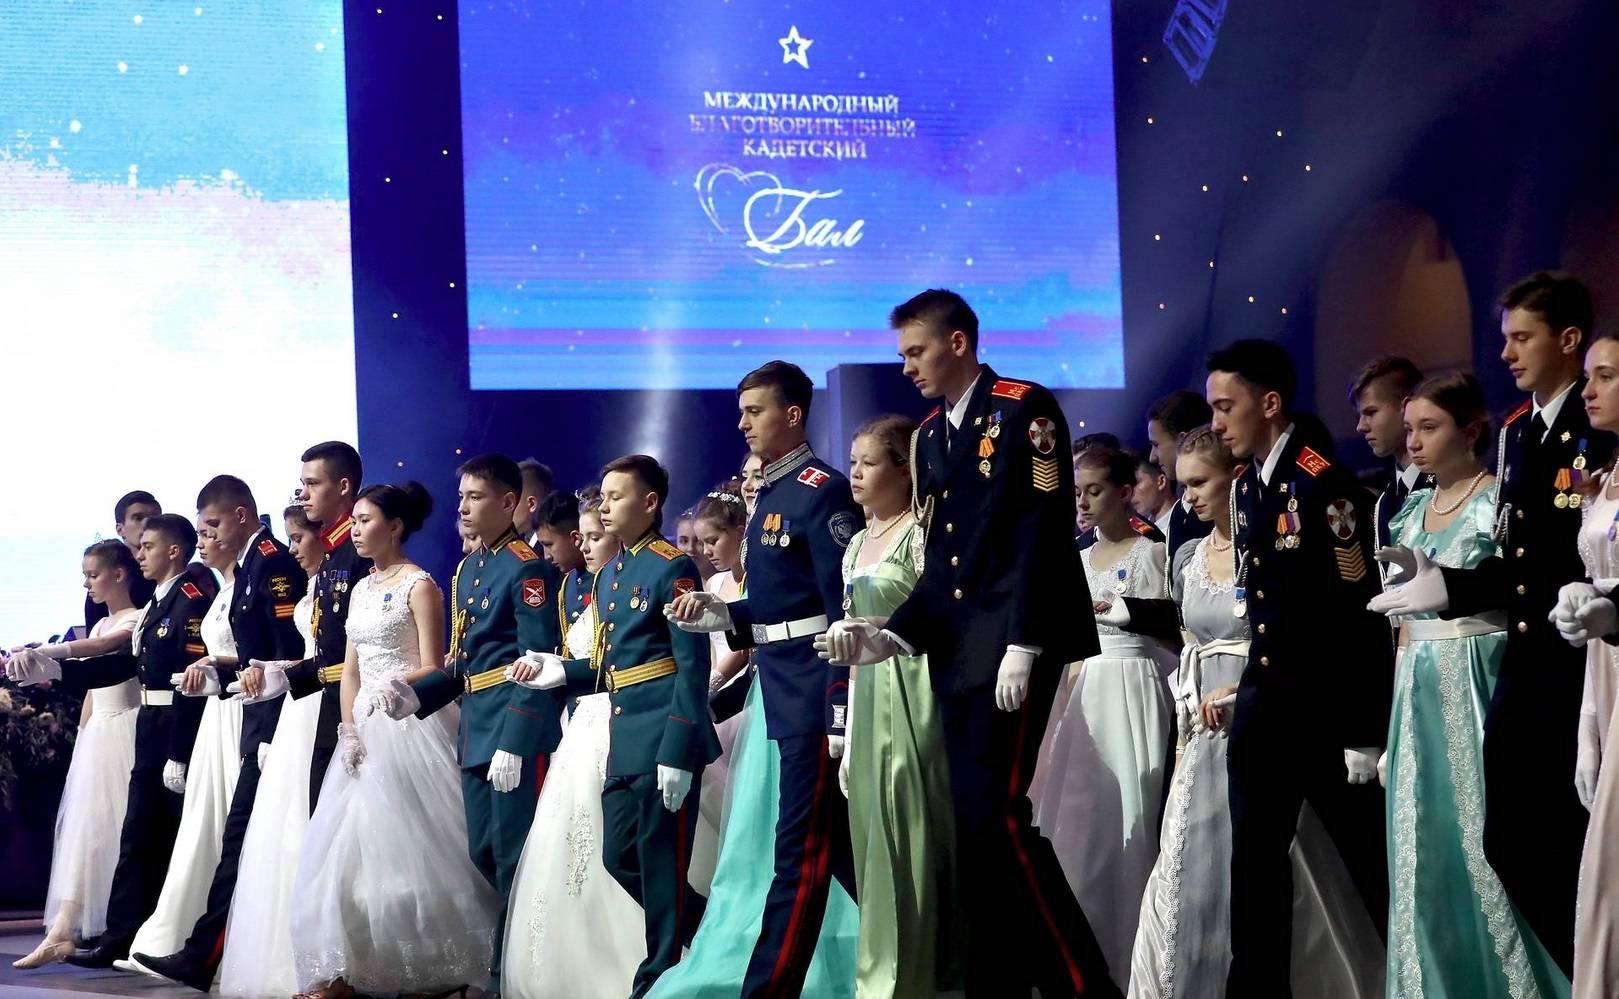 Международный благотворительный кадетский бал прошел в Москве